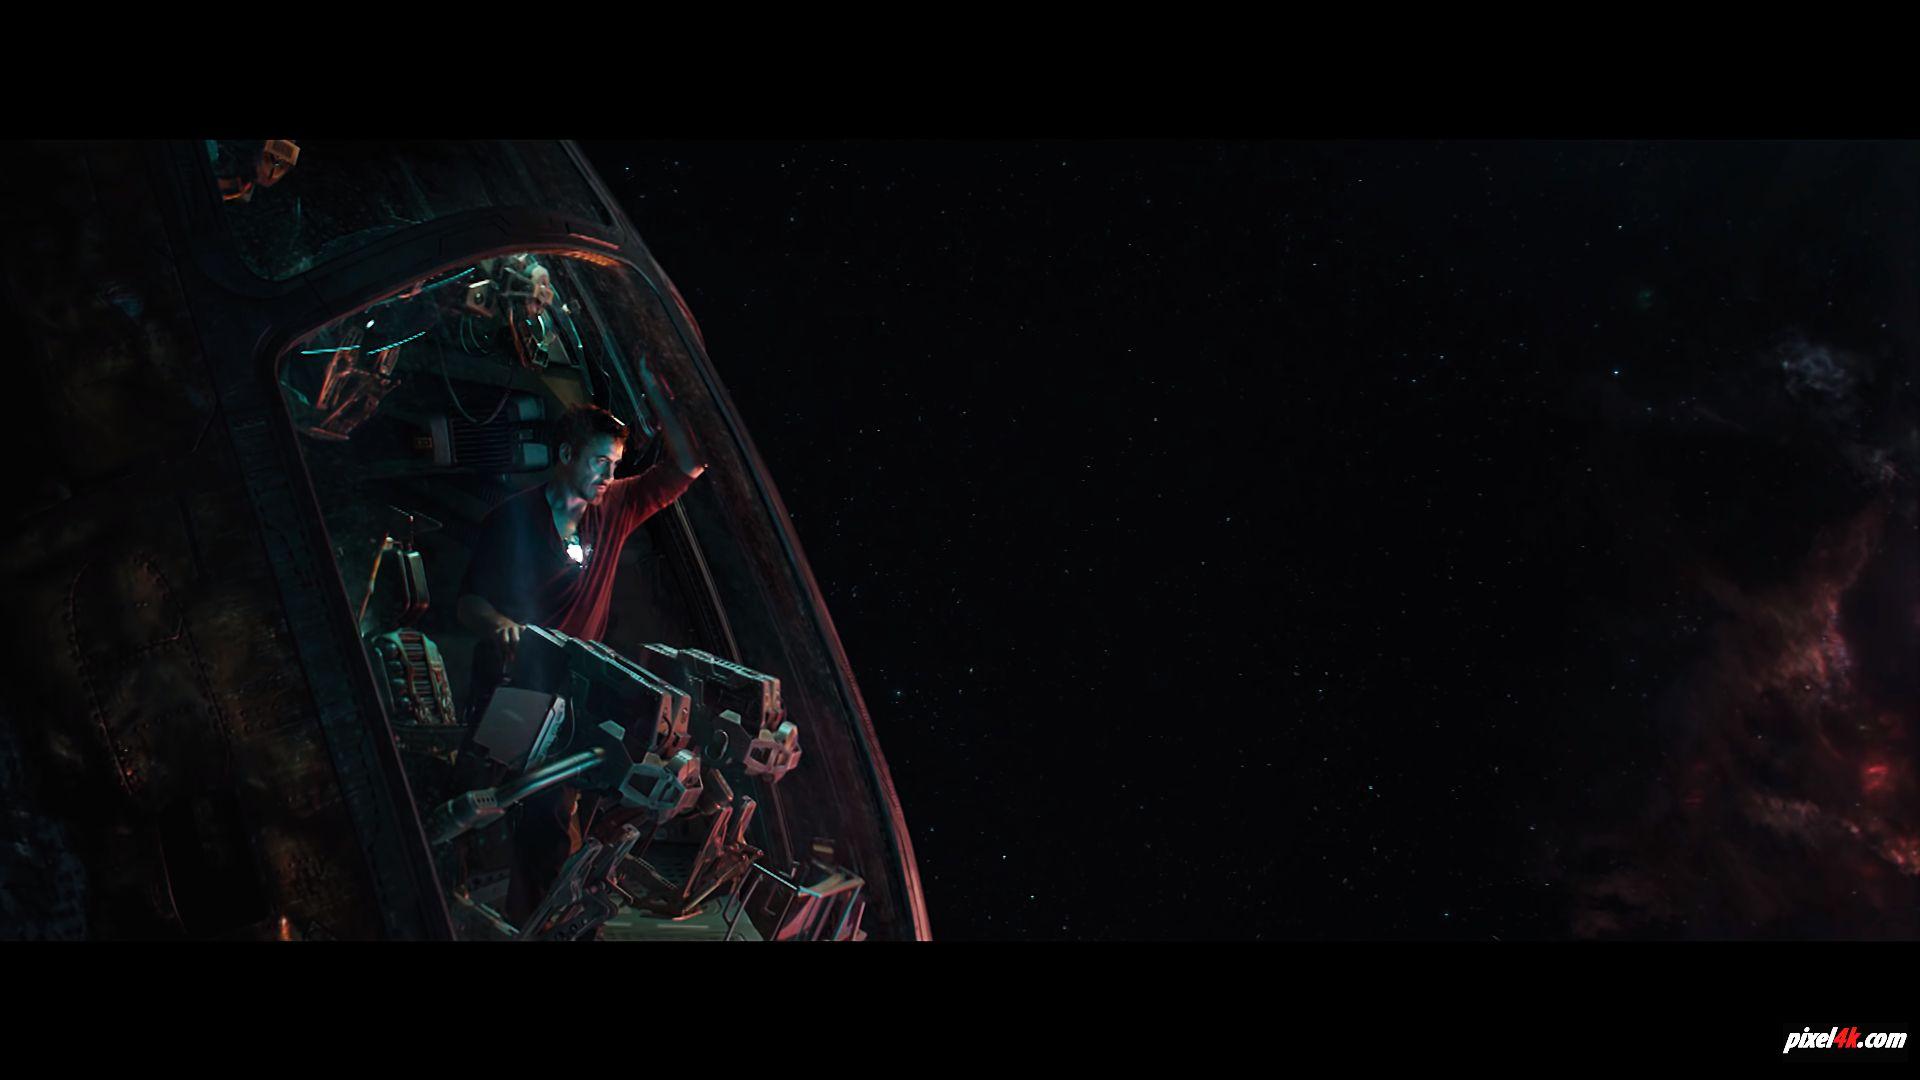 Wallpaper 4k Avengers 4 End Game Tony Stark In Space Avengers 4